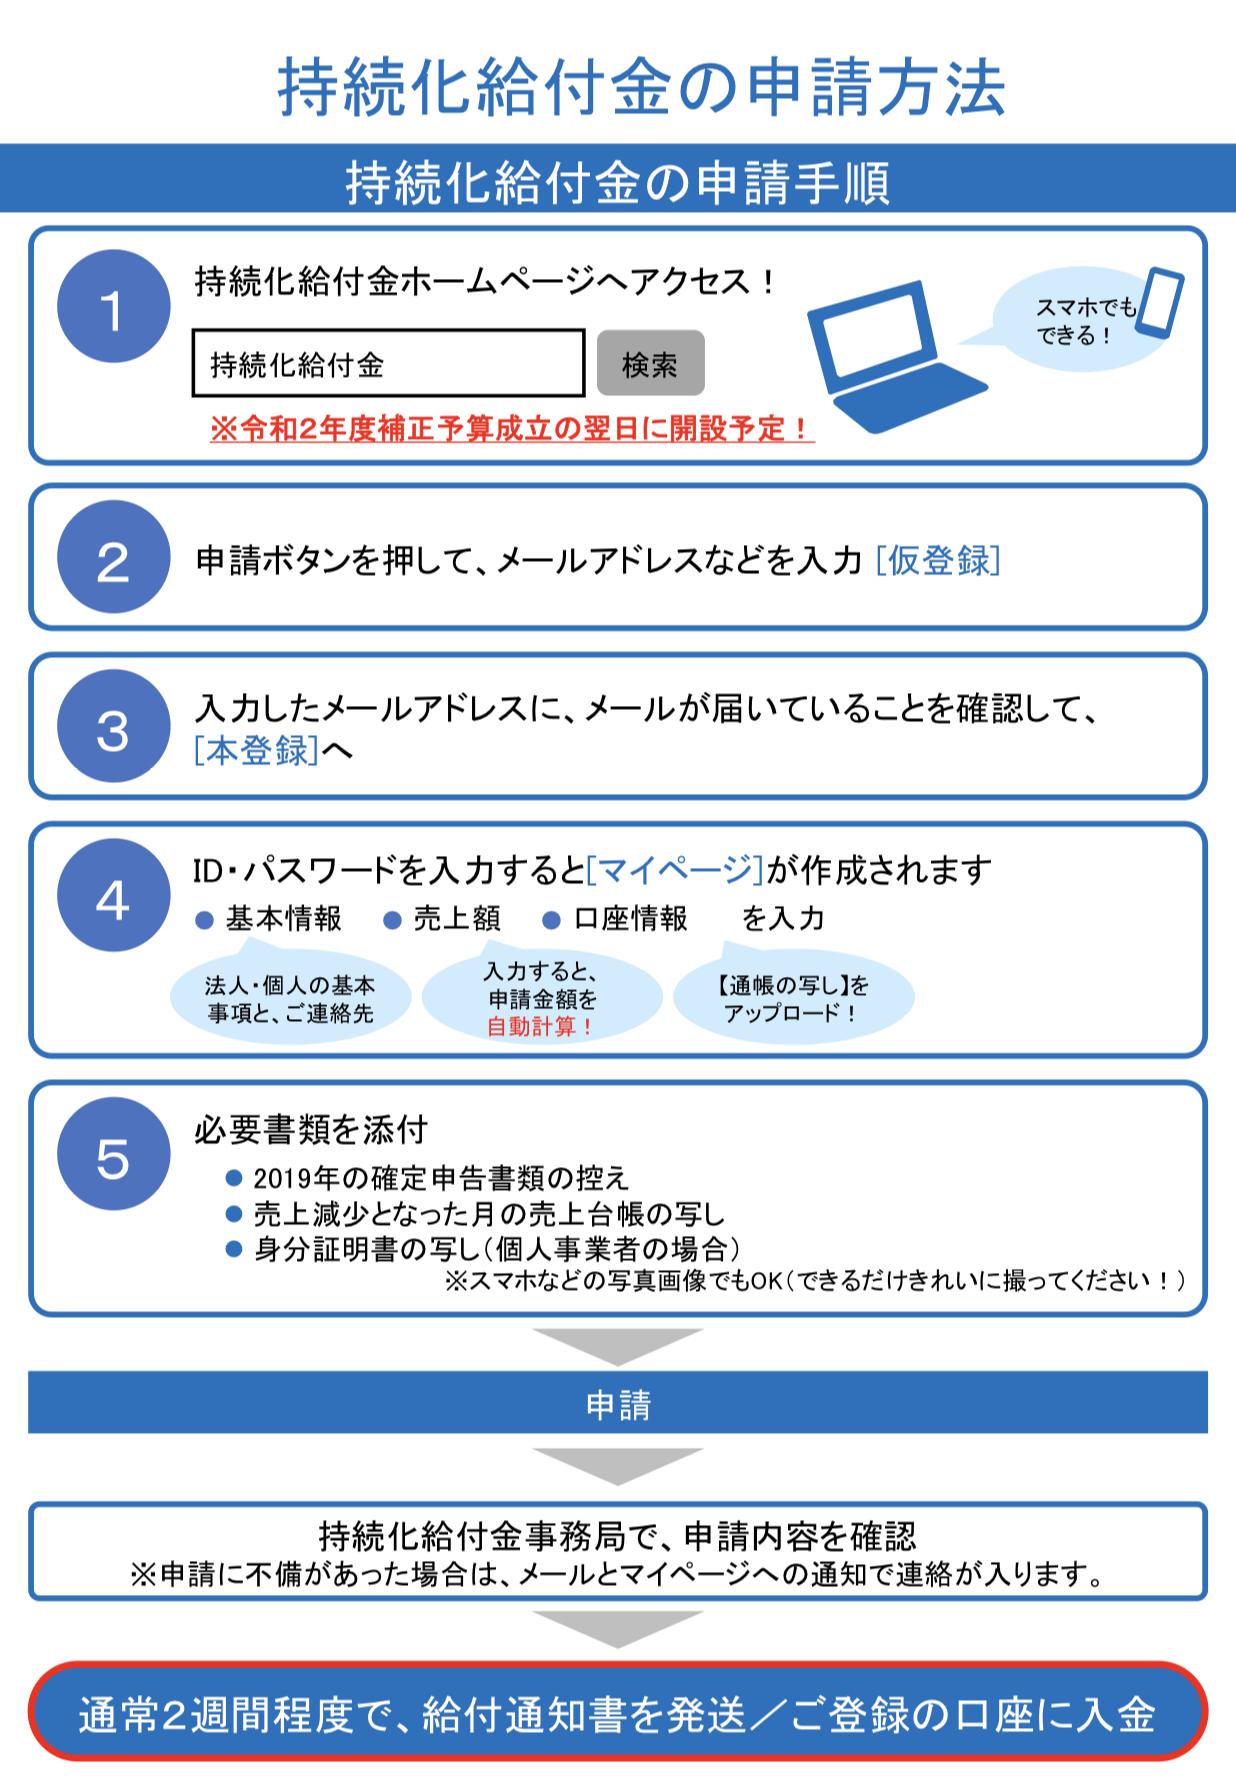 持続化給付金の申請方法